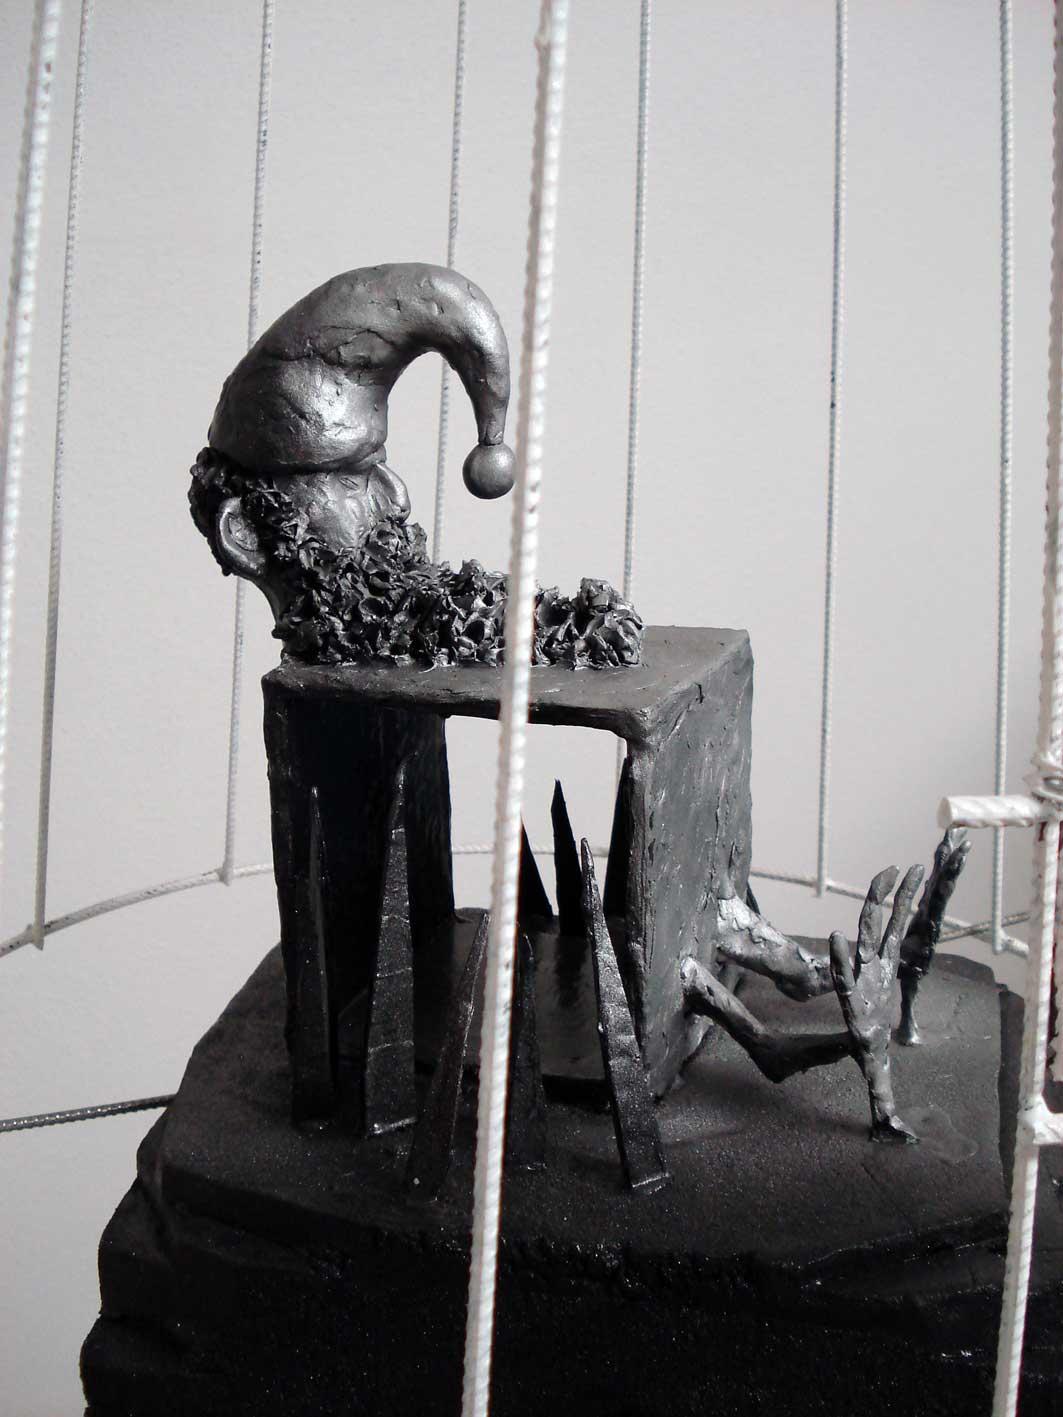 Stefan Inauen Falsche Lampe 2008 Styrophorm, Wachs, Leuchtkörper, ø55cm x 170cm